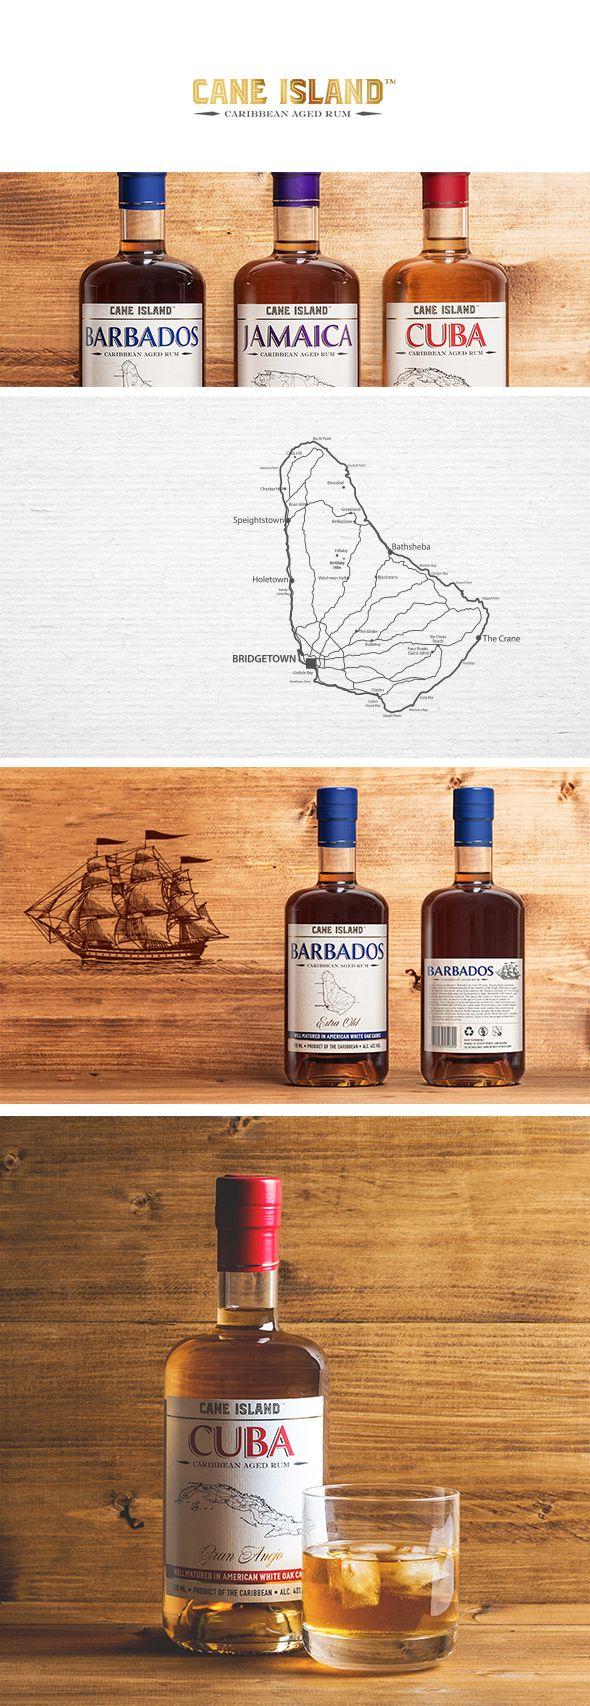 cane island aged rum label design #label #rum #spirits #design #barbados #jamaica #cuba #packaging #design #packagingdesign